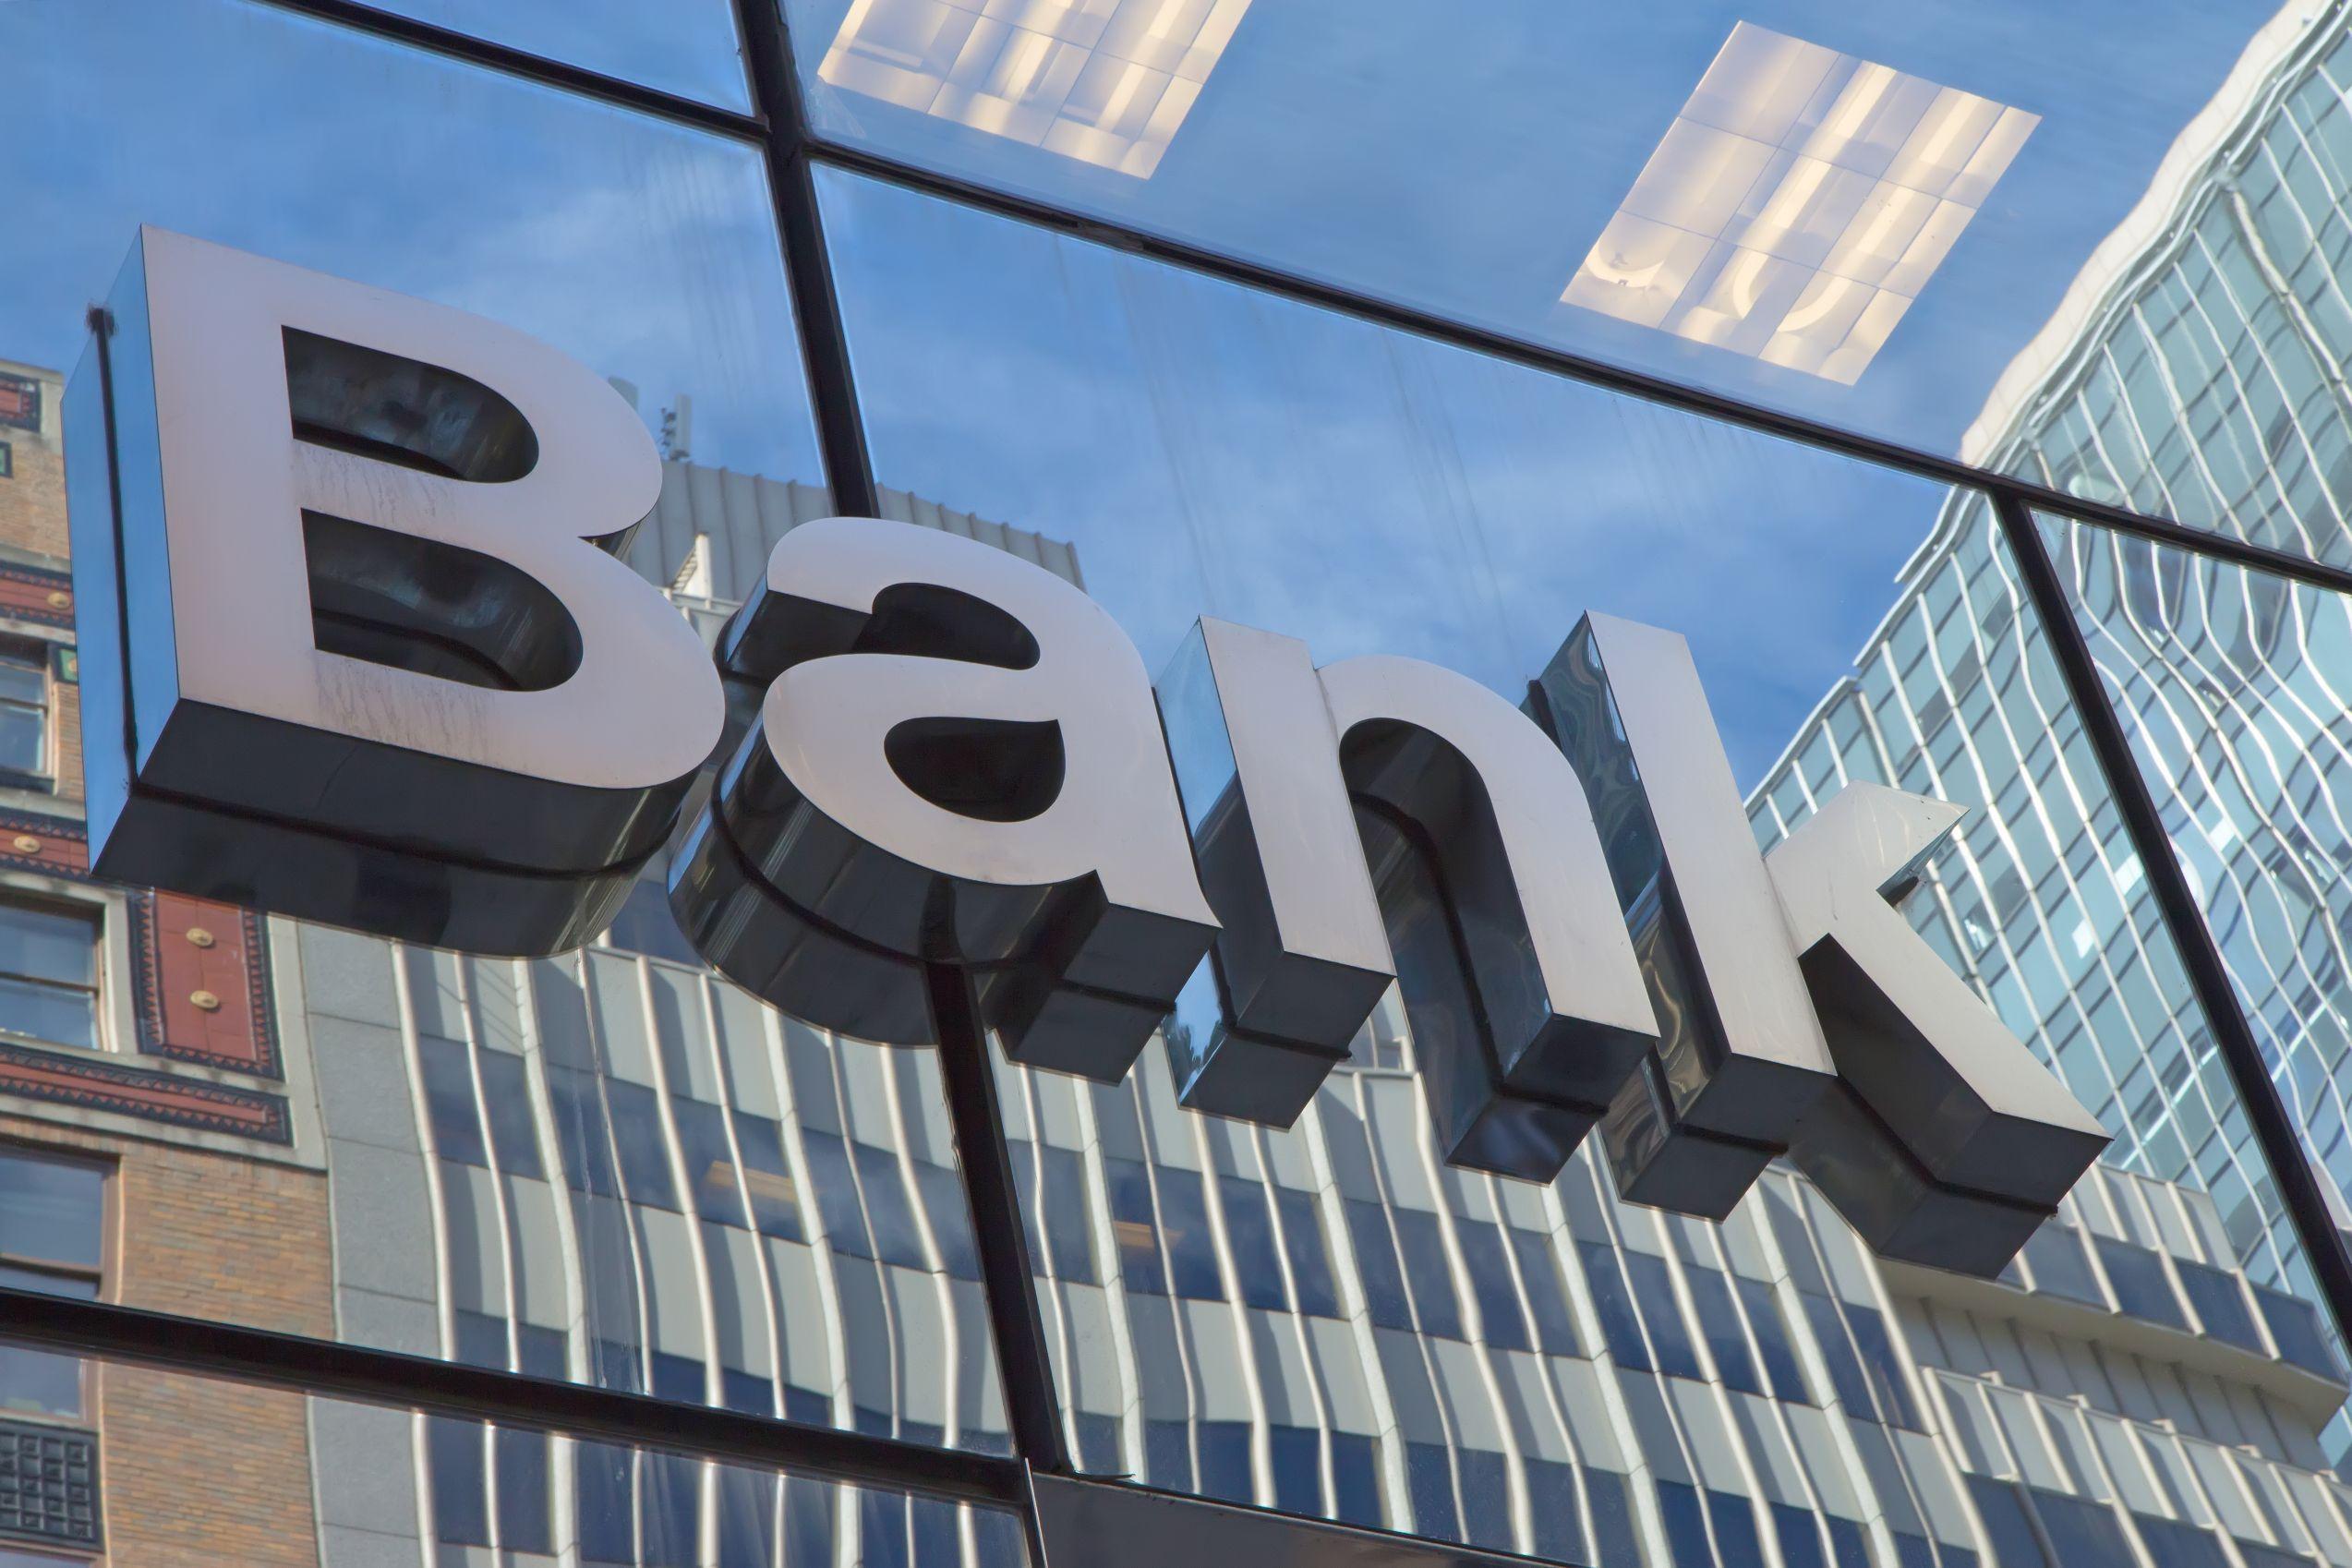 Obecnie w Polsce działają 32 banki, które bardzo szybko wprowadzają innowacje technologiczne, pozwalające na optymalizację procesów, kosztów i zatrudnienia (fot. shutterstock)